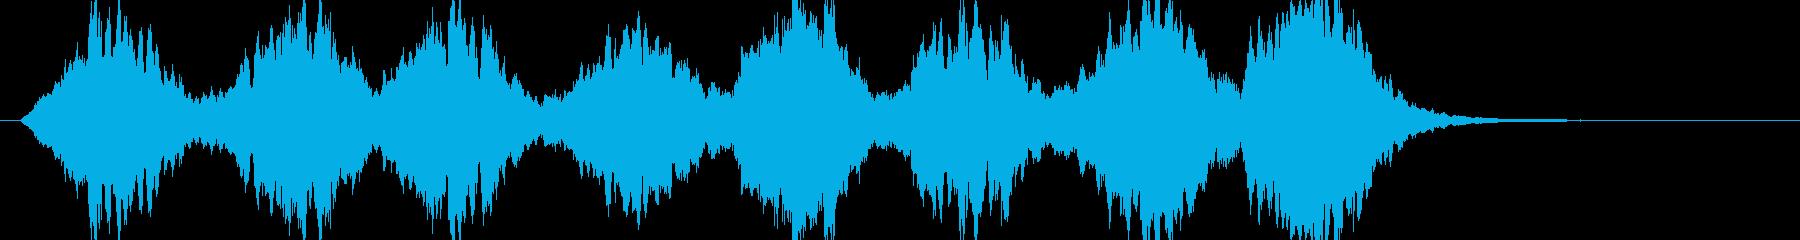 BGM11の再生済みの波形